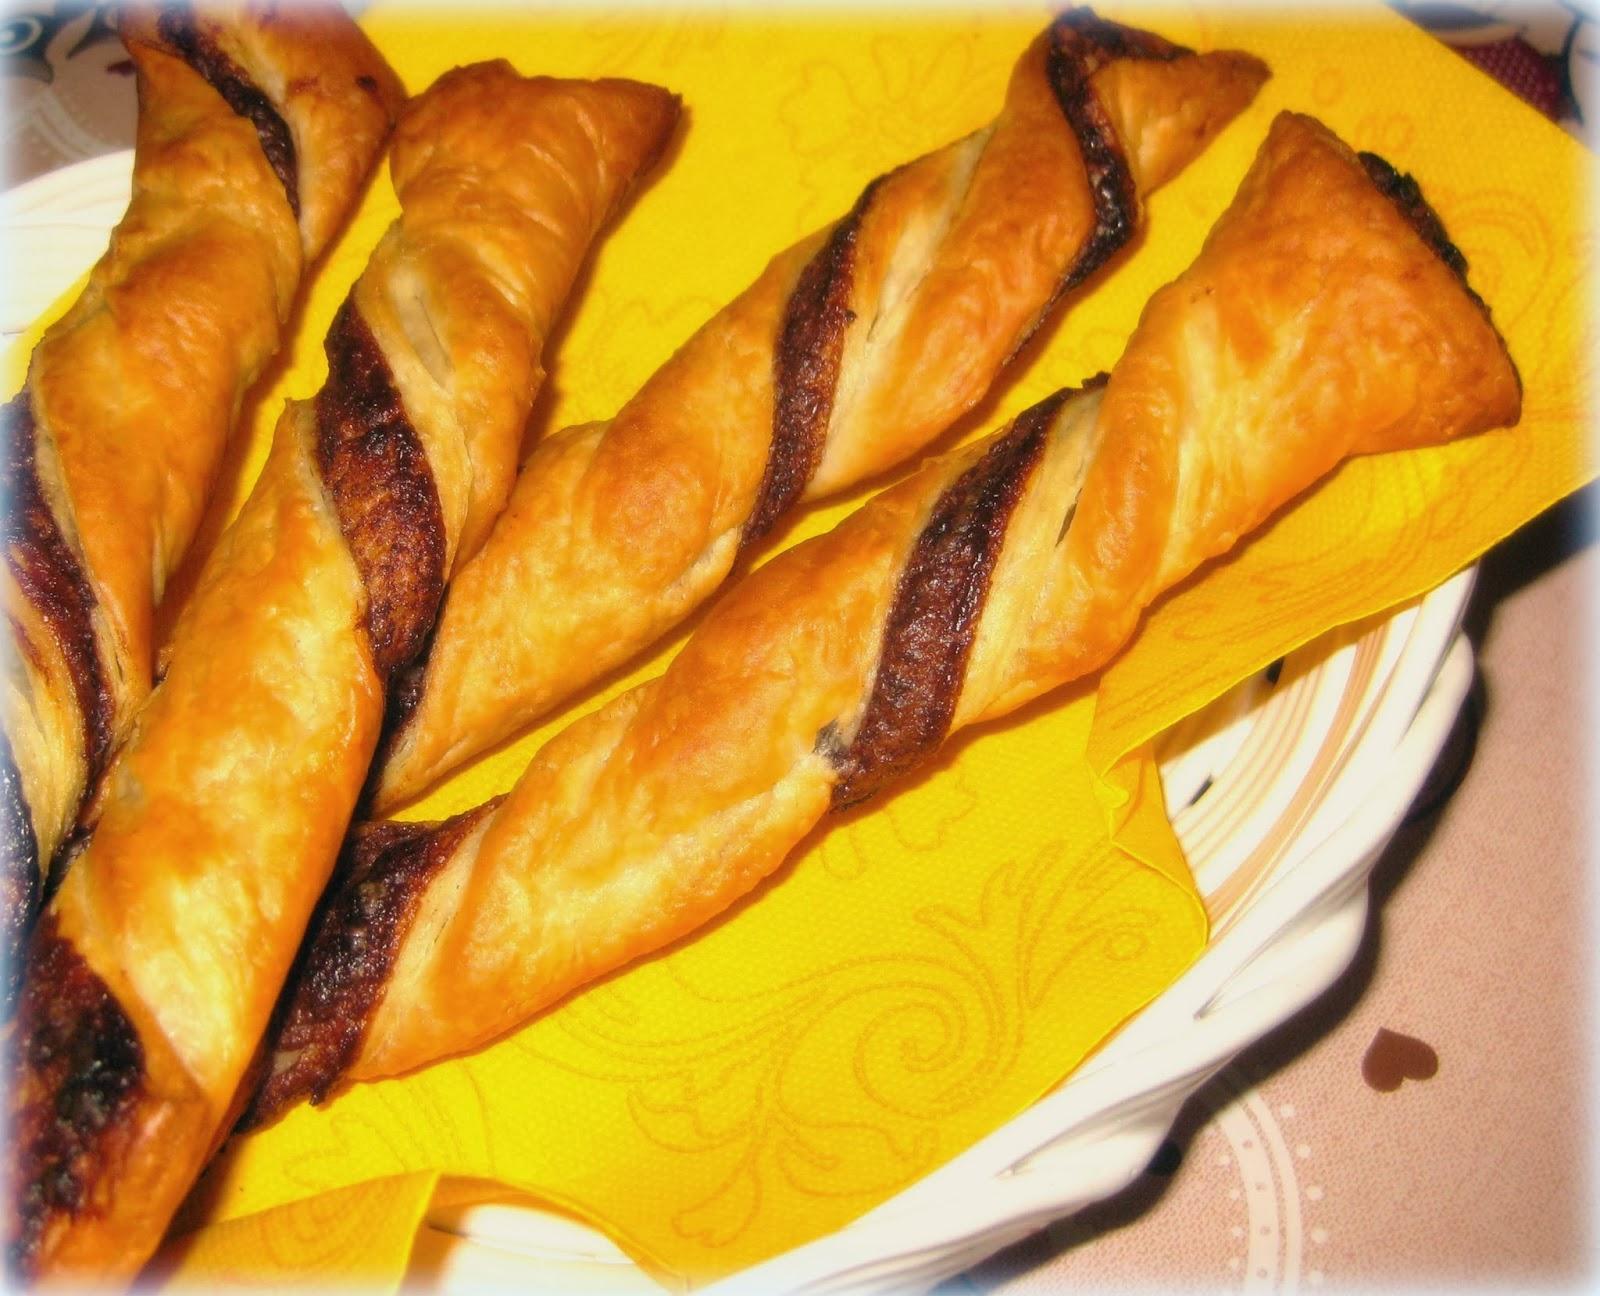 La ricetta di questi grissini dolci alla nutella è davvero buona! Per un cestino del pane super goloso.